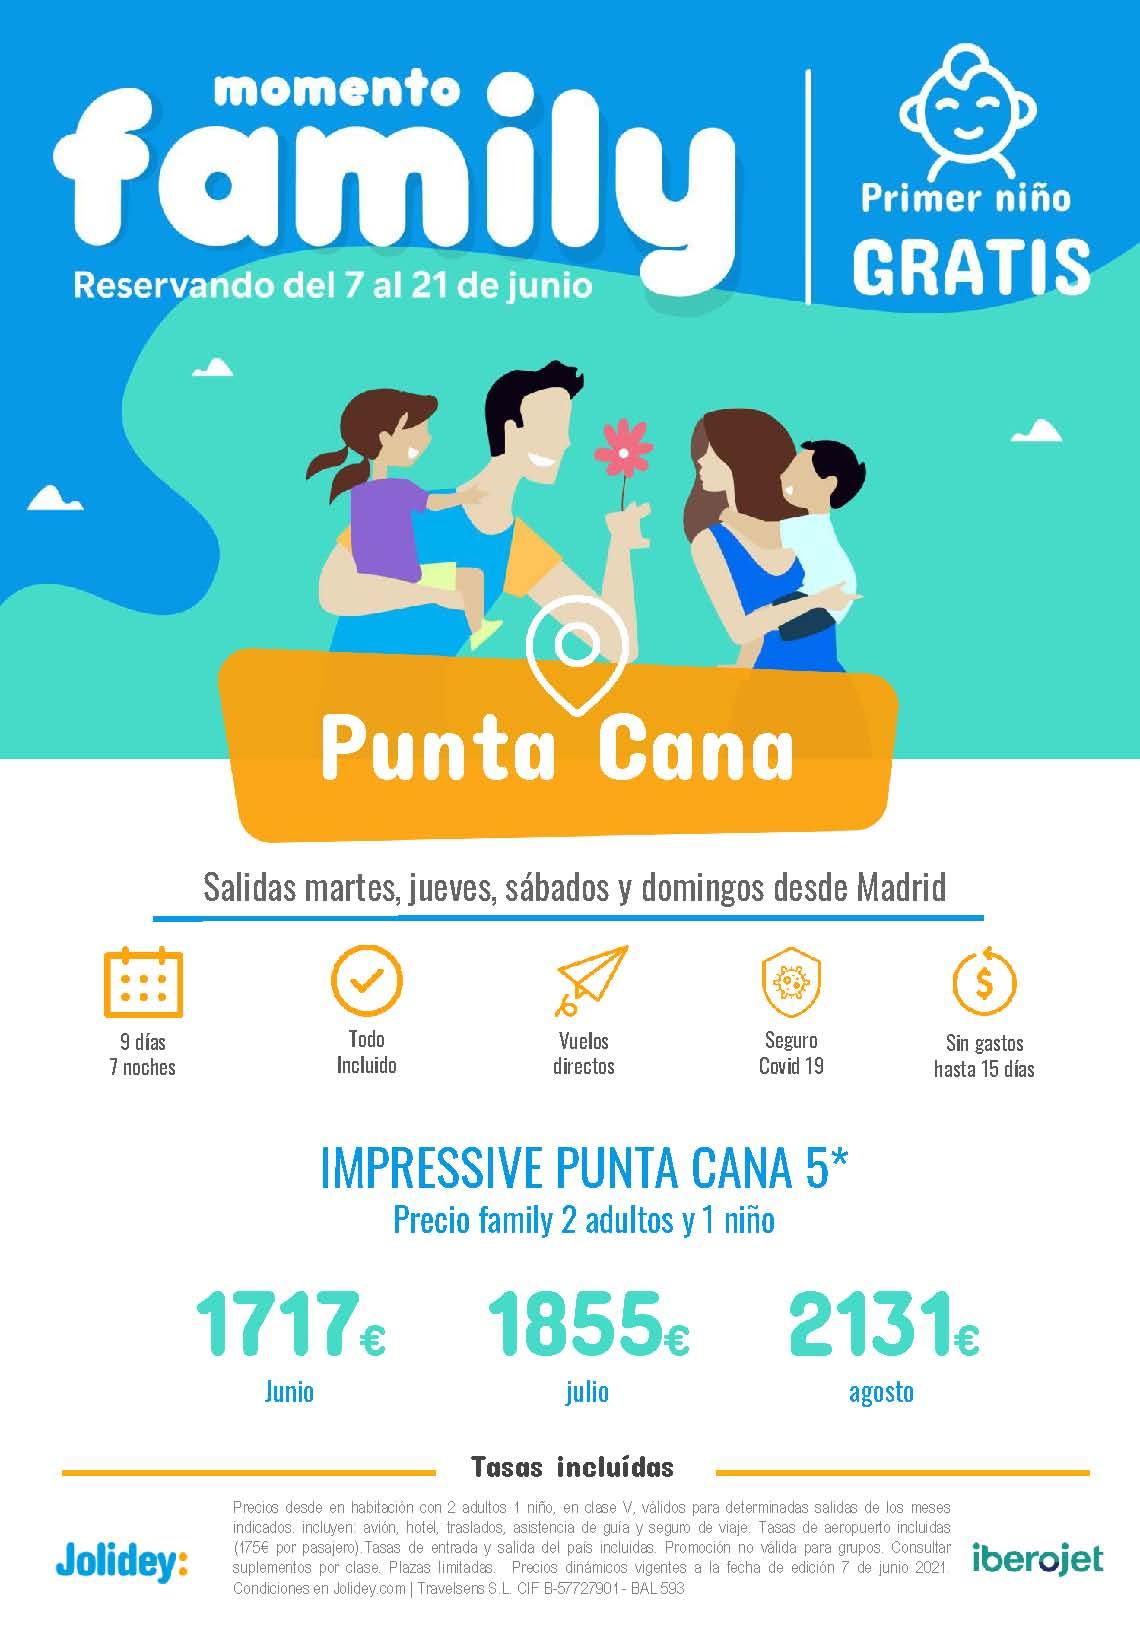 Ofertas Jolidey Familias Punta Cana Verano 2021 vuelo directo desde Madrid